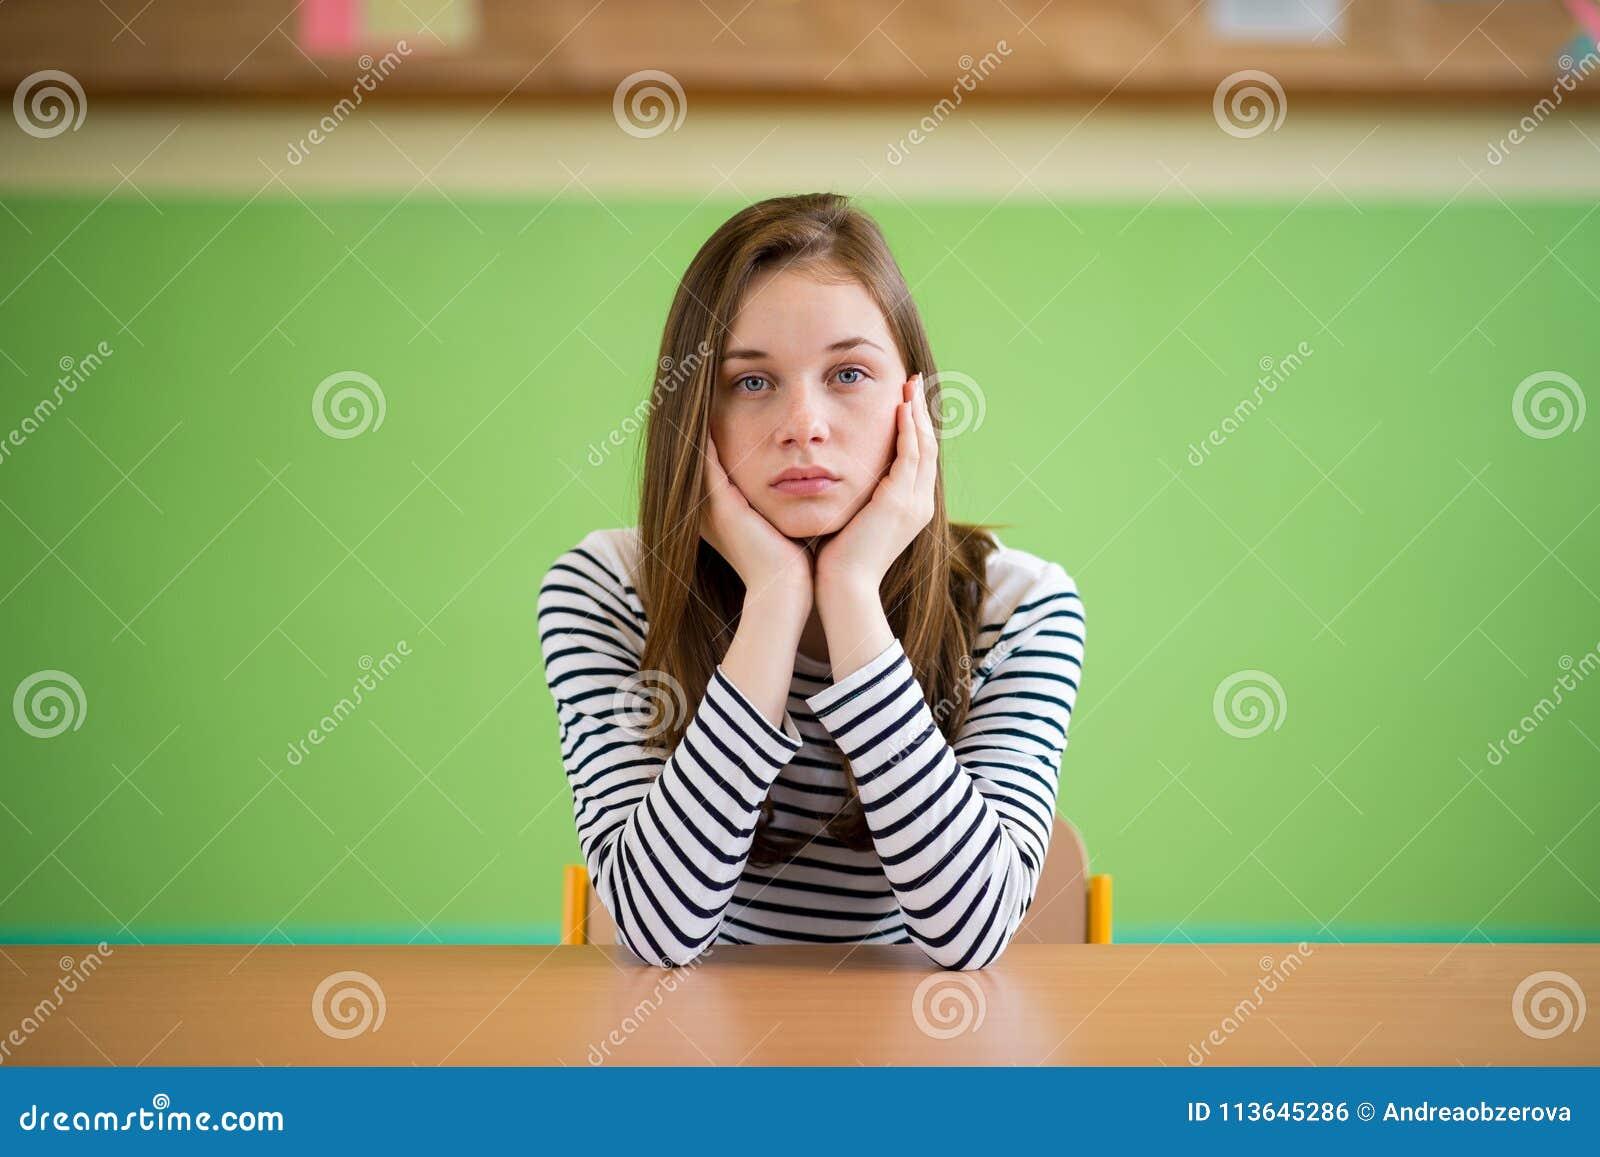 Λυπημένη συνεδρίαση σπουδαστών στην τάξη με το κεφάλι της στα χέρια Εκπαίδευση, γυμνάσιο, φοβέρα, πίεση, κατάθλιψη